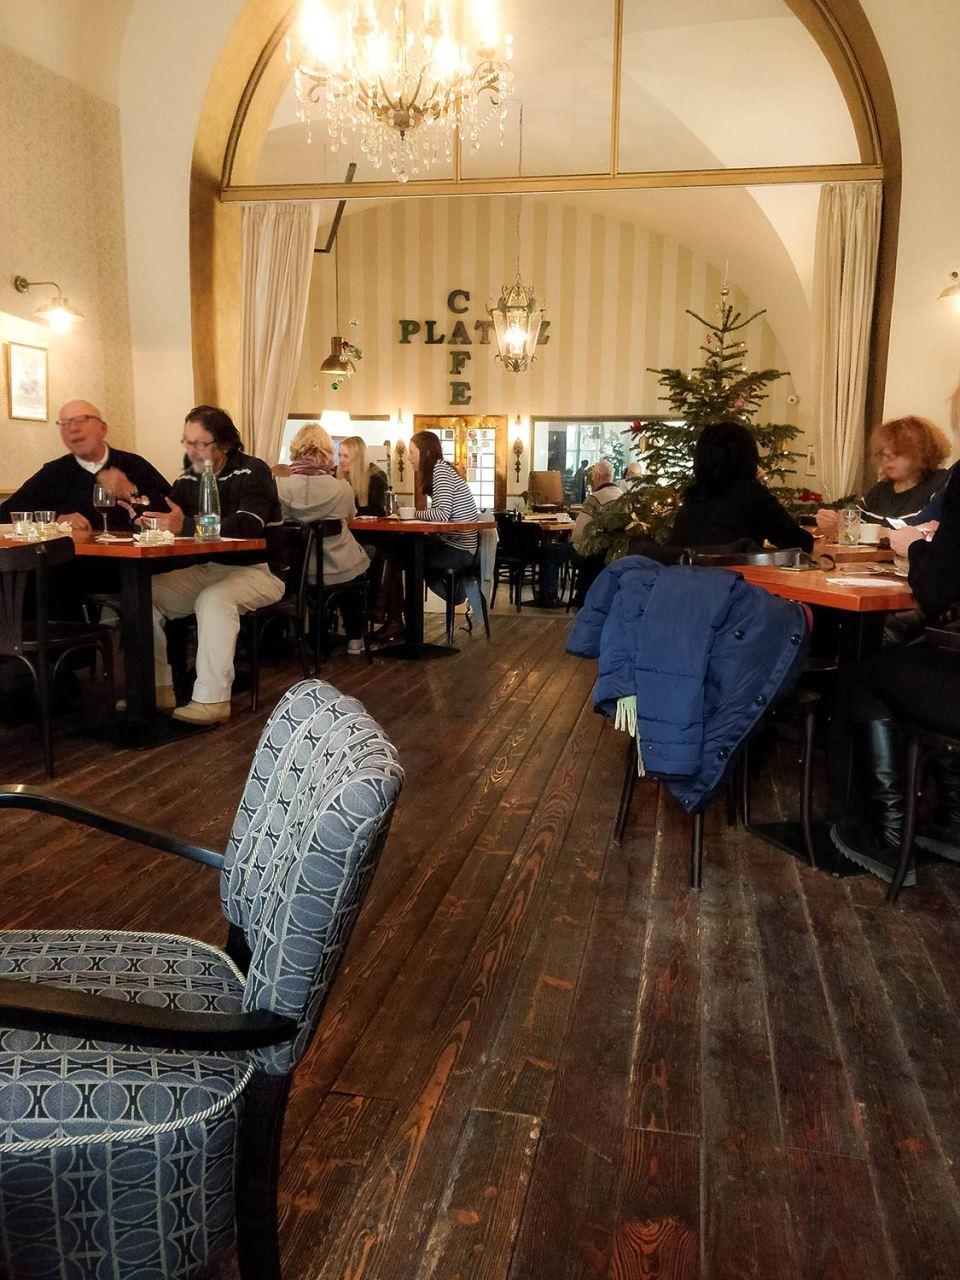 Cafe Platyz